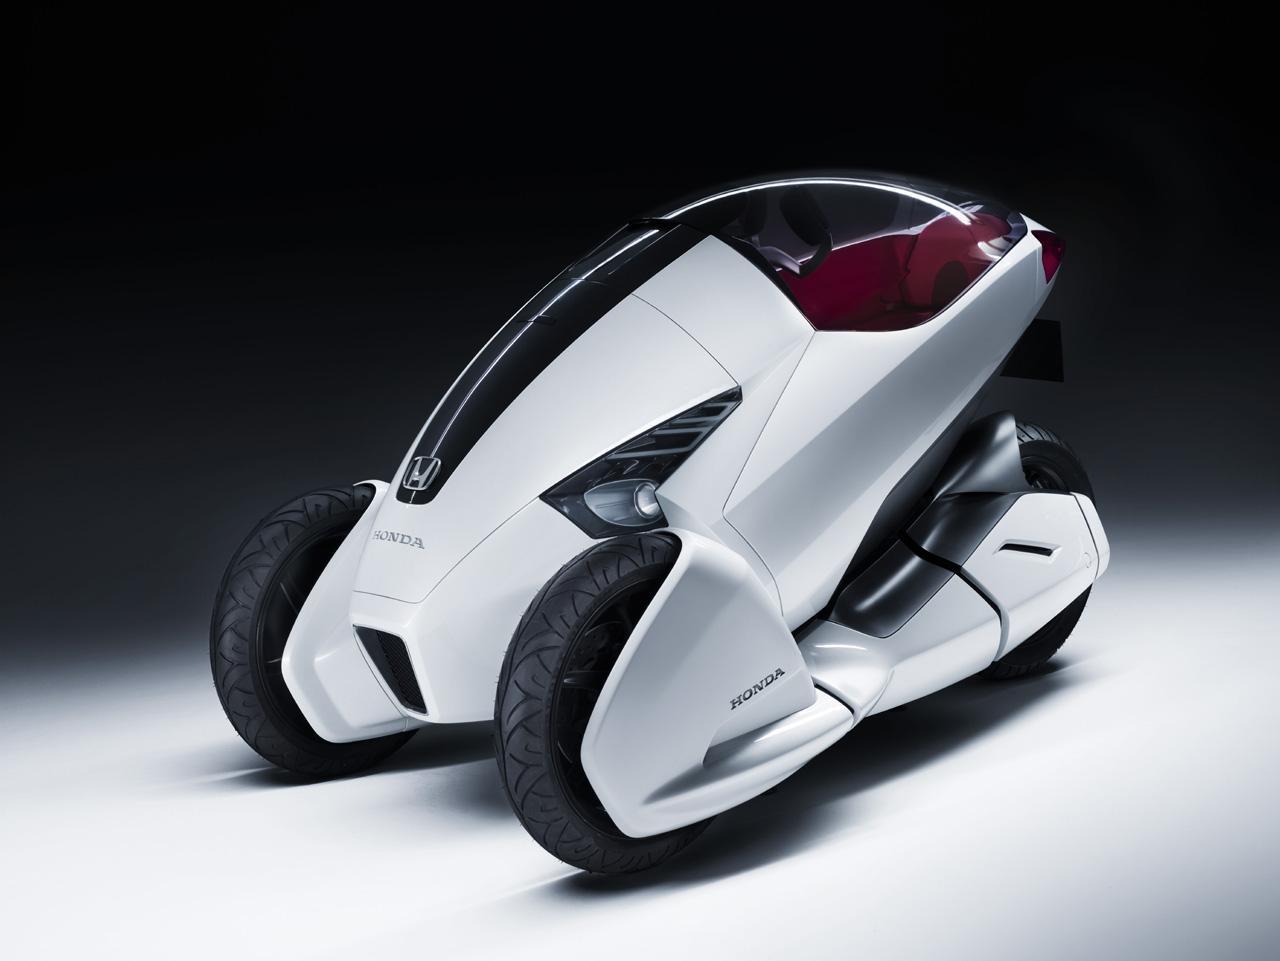 2010 Honda 3R-C Concept